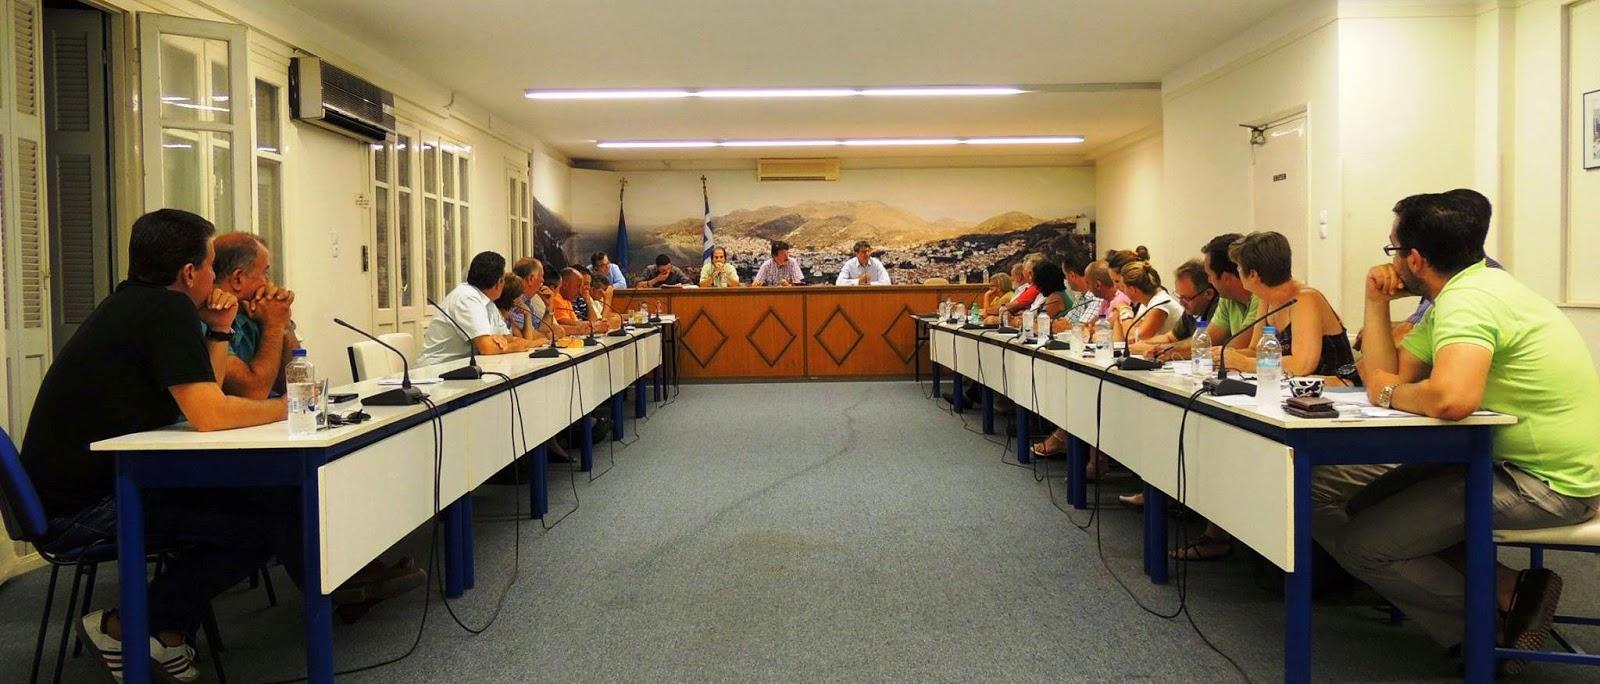 Σύγκλιση Δημοτικού Συμβουλίου Σάμου σήμερα Δευτέρα.